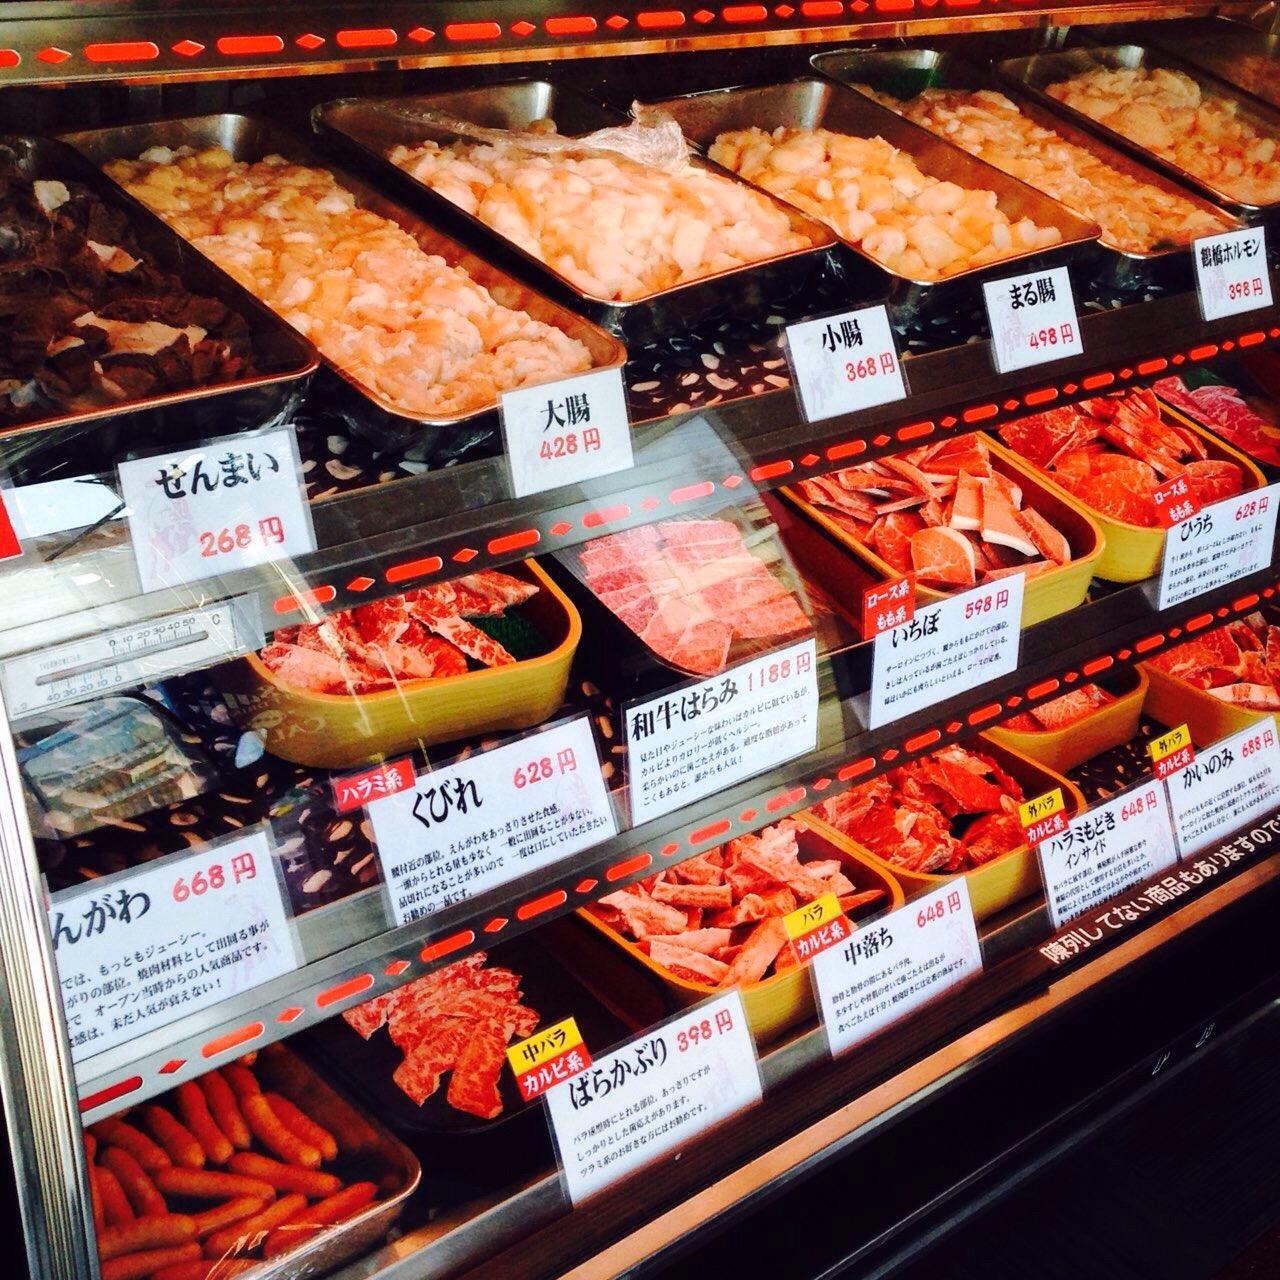 【岡山】バーベキューのお肉は奮発するべき!「肉じろう」で調達。